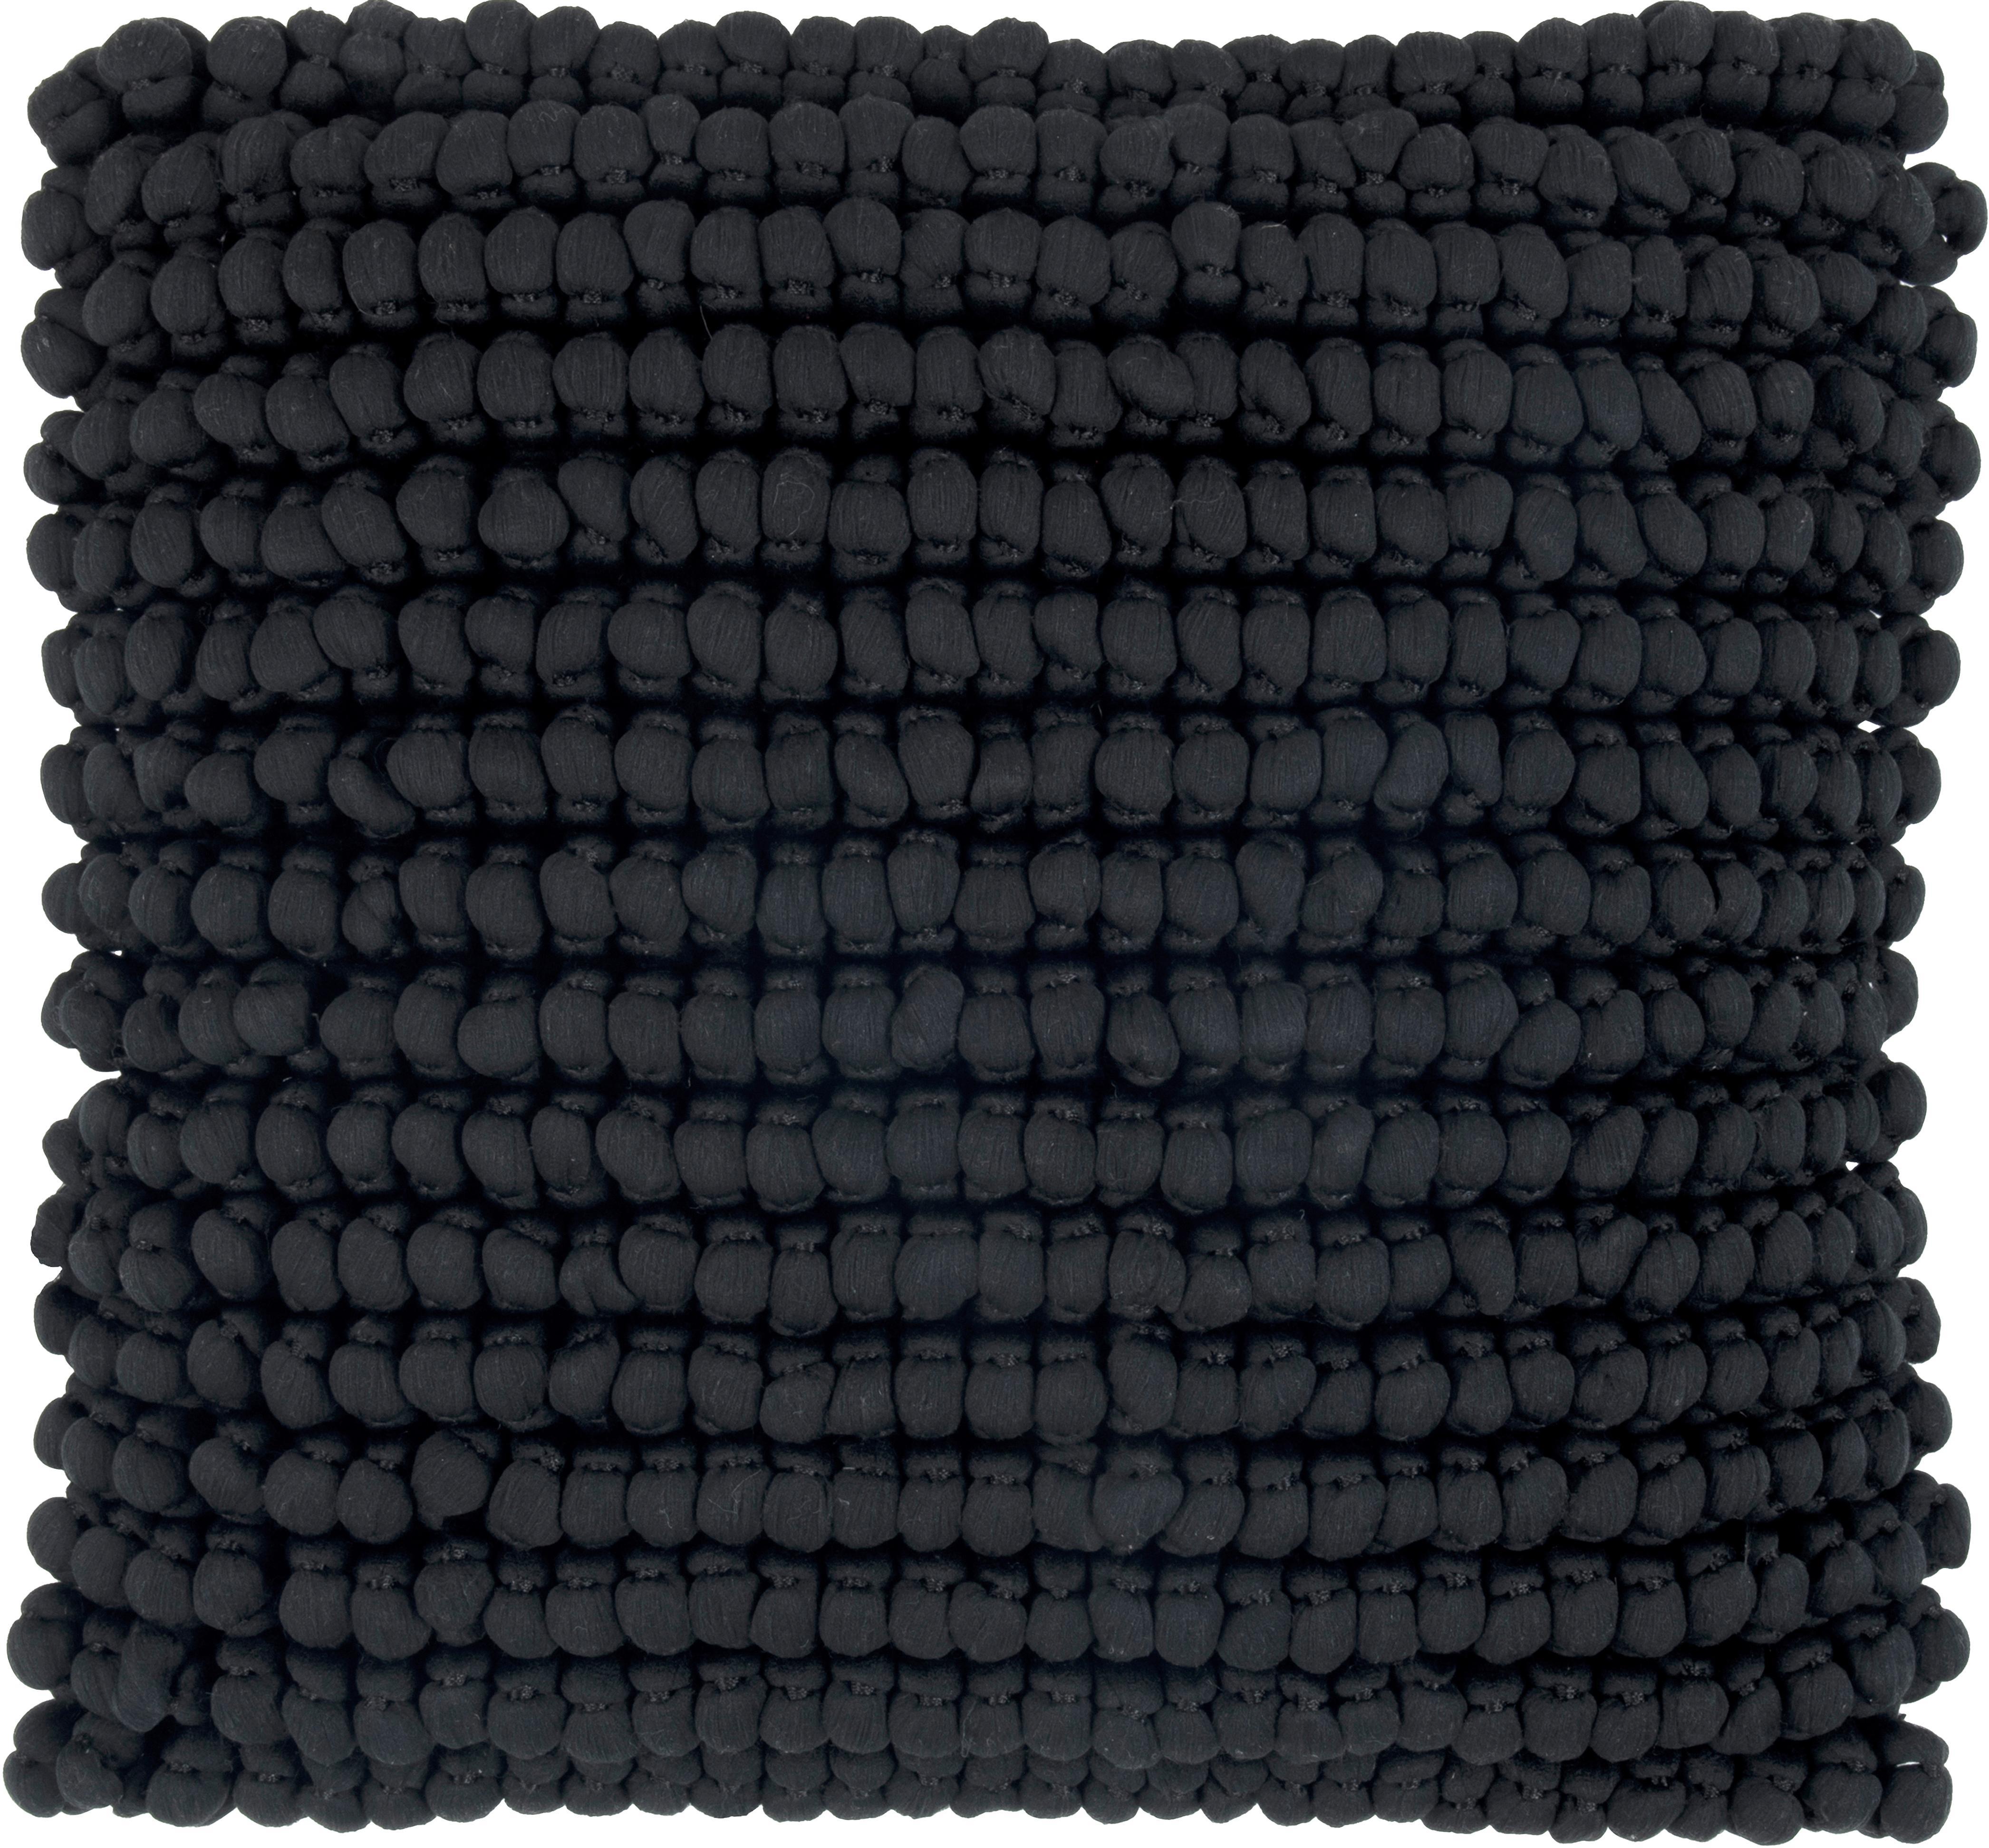 Kissenhülle Iona mit kleinen Stoffkugeln, Vorderseite: 70% Polyester, 30% Baumwo, Rückseite: Baumwolle, Schwarz, 45 x 45 cm